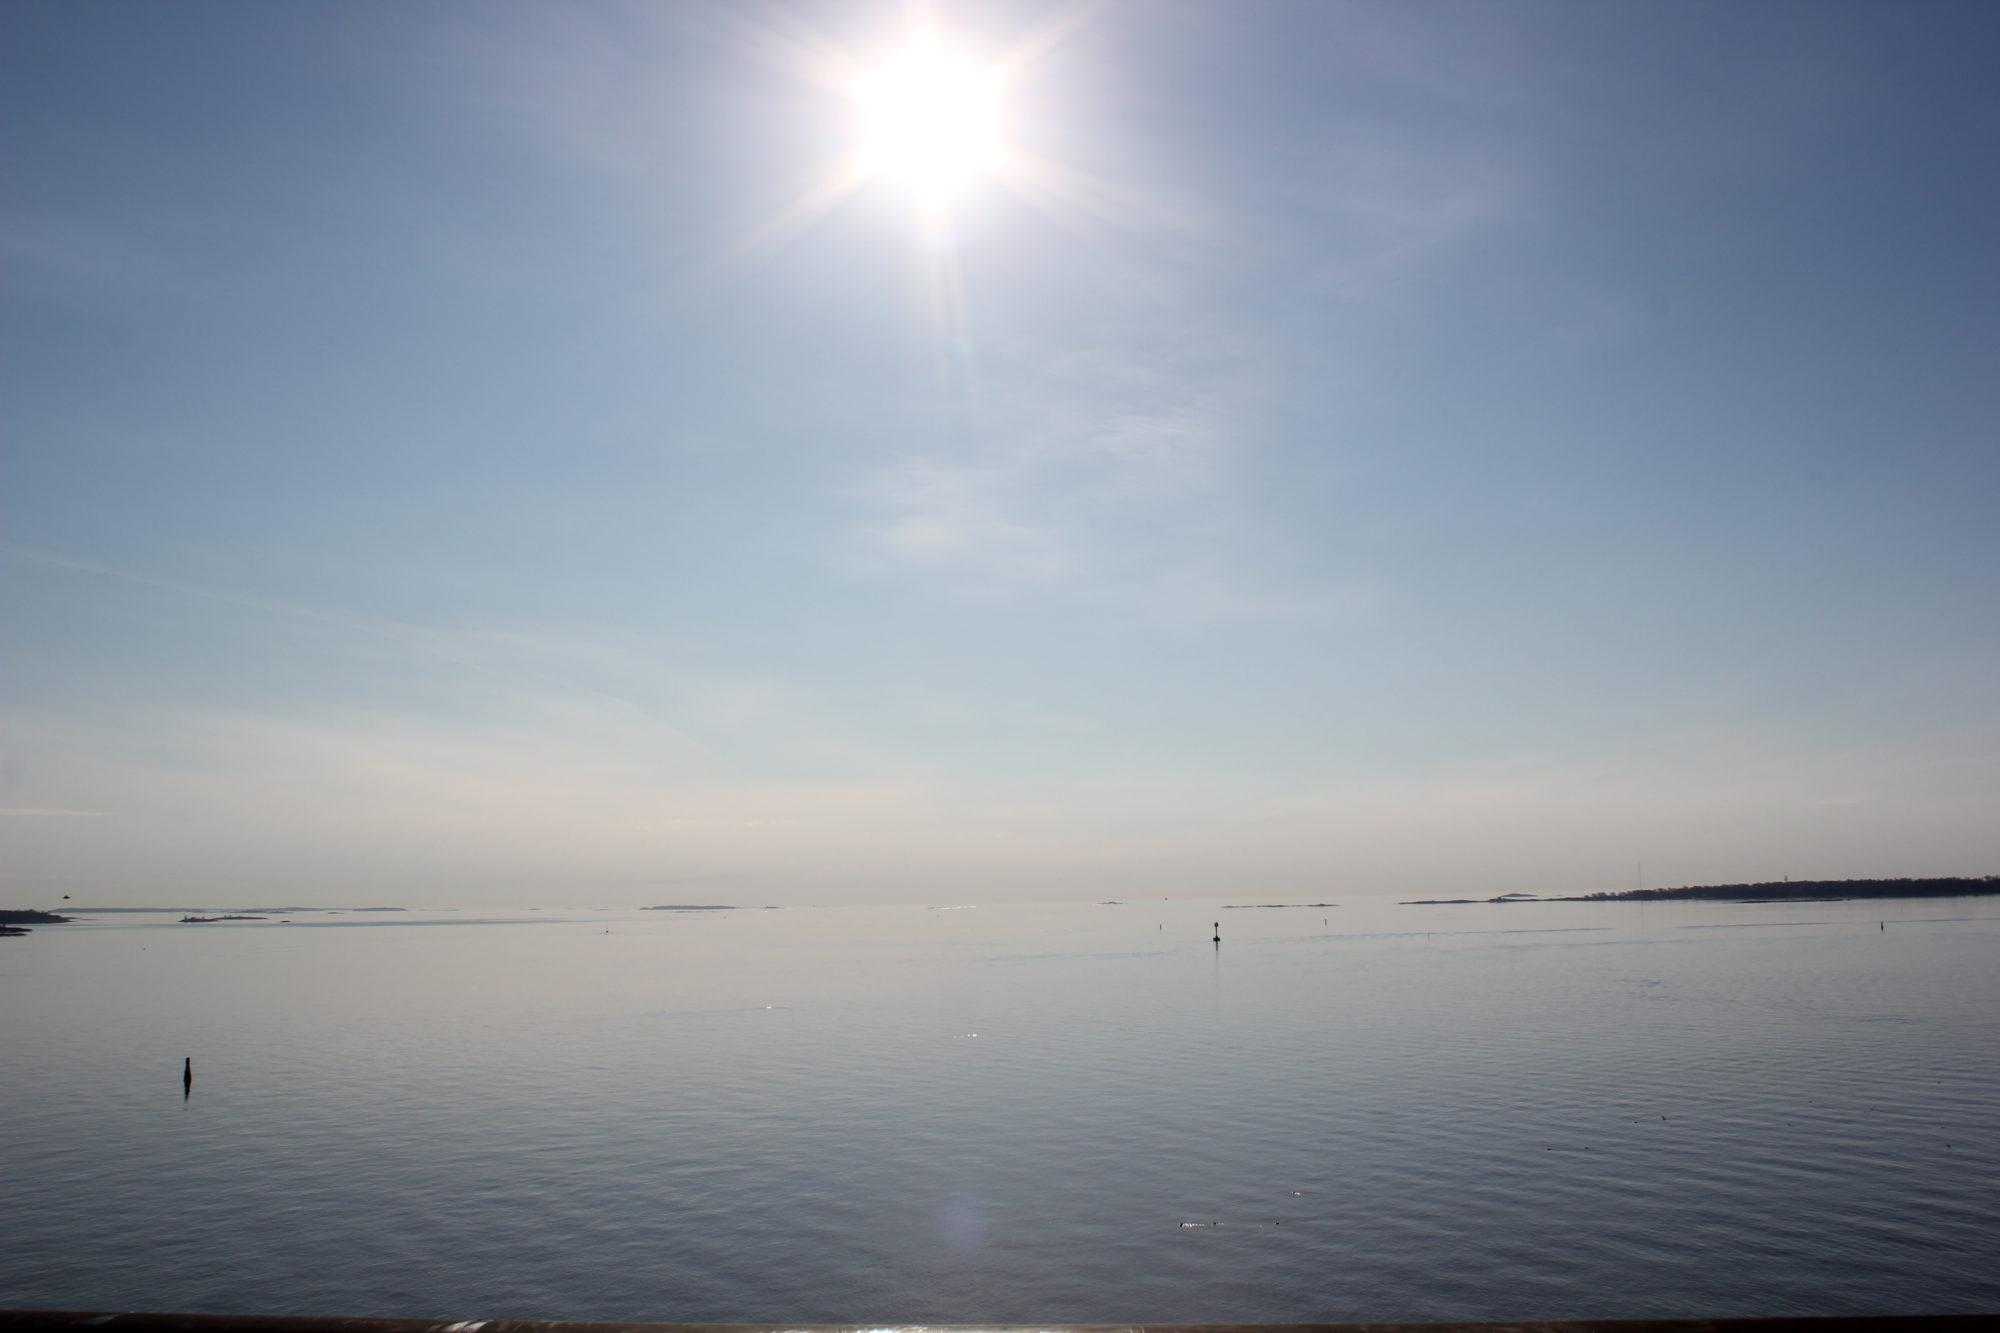 Tallinnan kuulumisia L I L O U ' s #lilous helsinkiläinen lifestyle-blogi blogeuse finlandaise @KPohjanvirta #Helsinki #visitTallinn #Lääts #Rotermanni